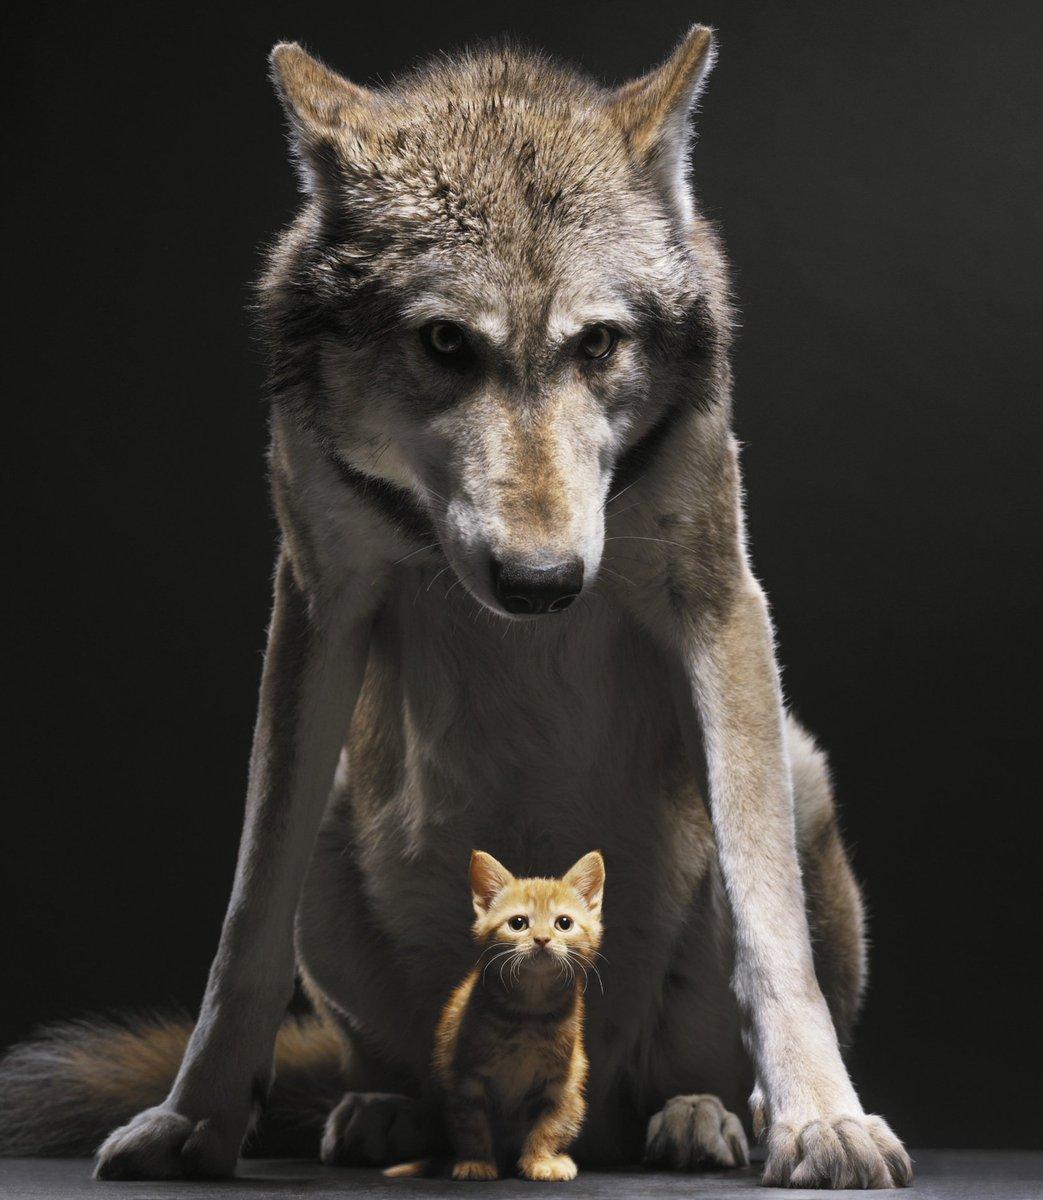 Смешные картинки про волка с надписями, открытку поздравлением открытки